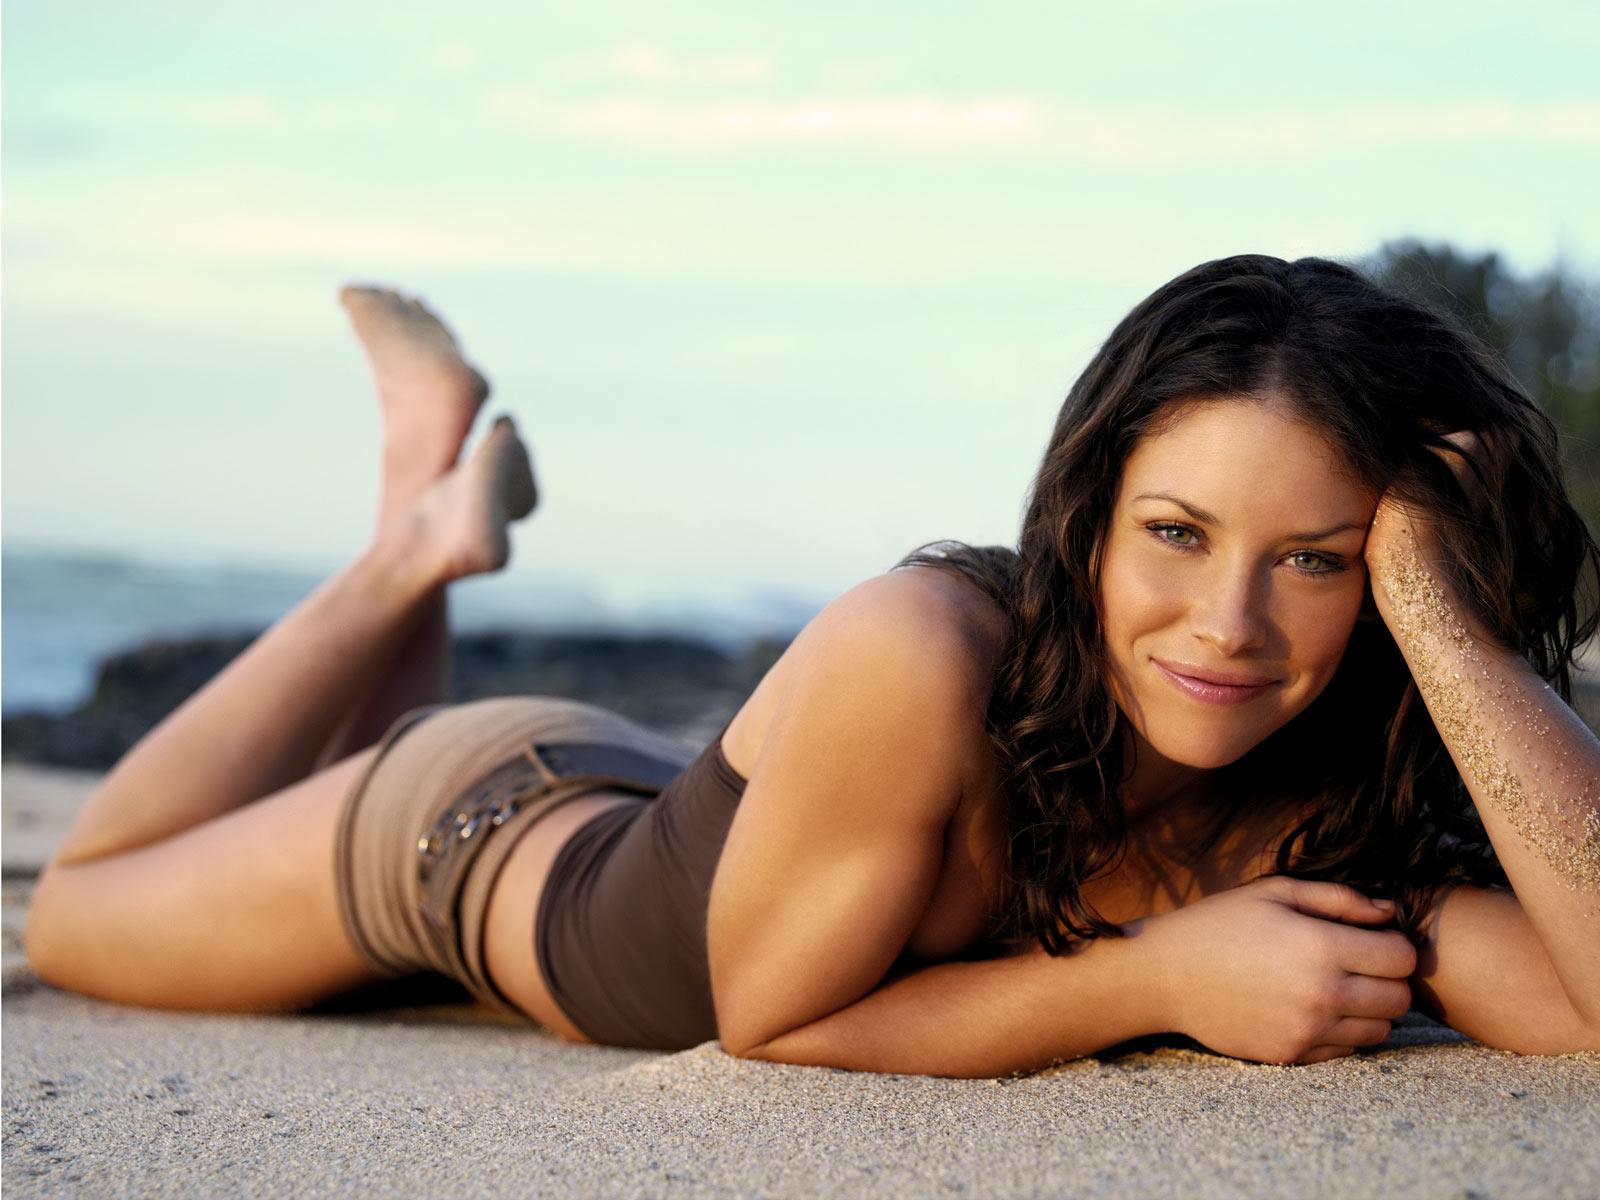 Schön und stark: Evangeline Lilly c/o welcometokelowna.com